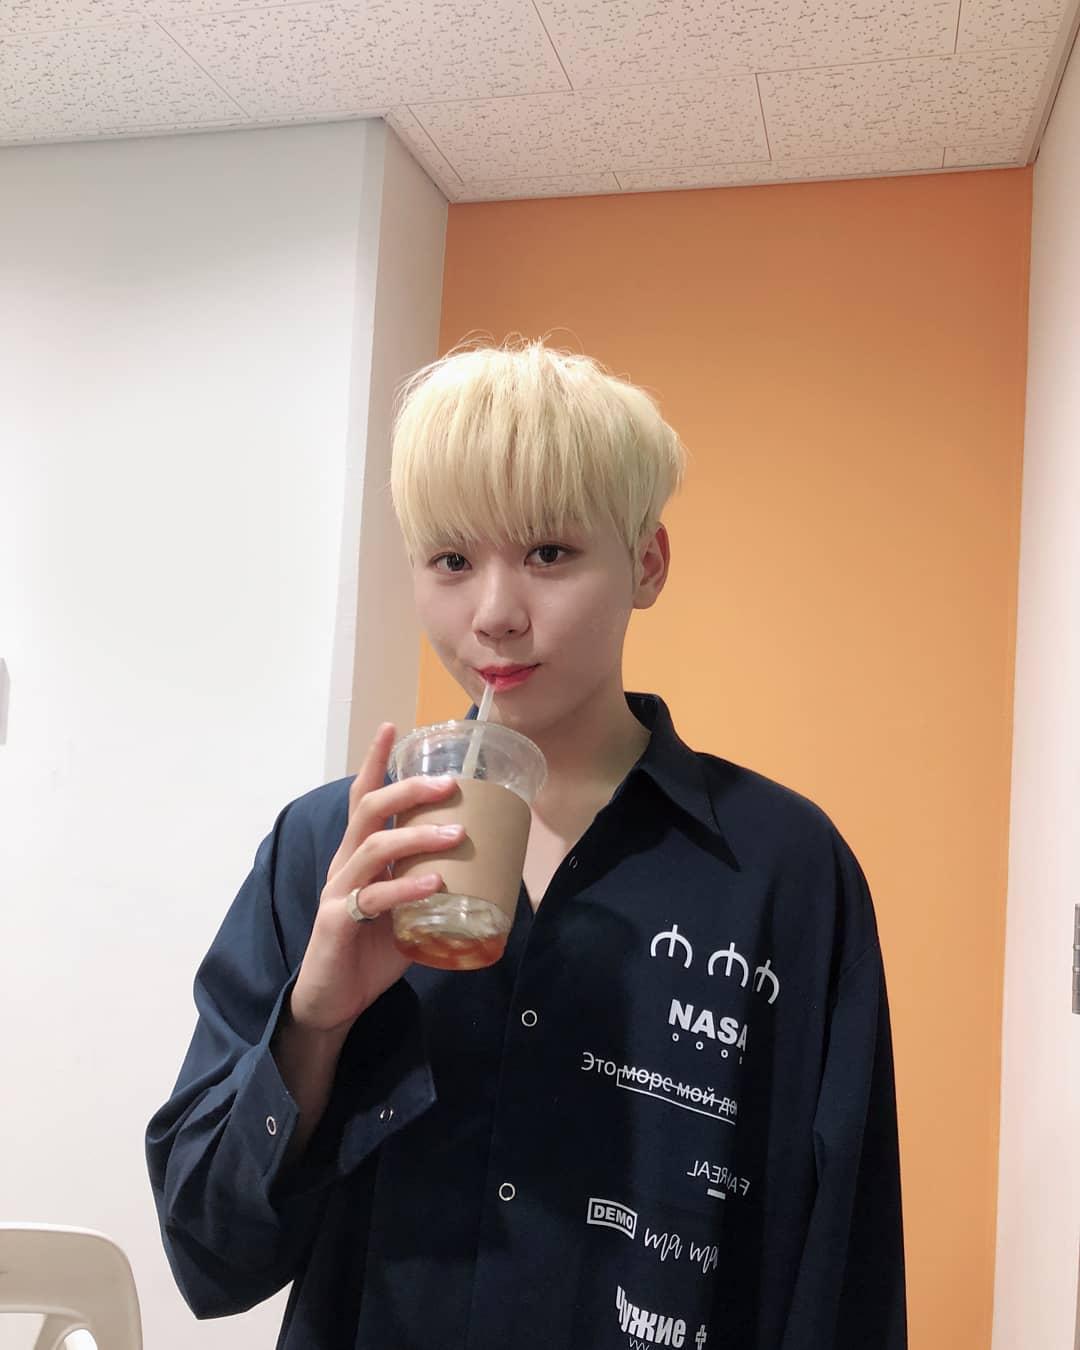 seventeen, seventeen profile, seventeen members, seventeen age, seventeen leader, seventeen seungkwan, seungkwan